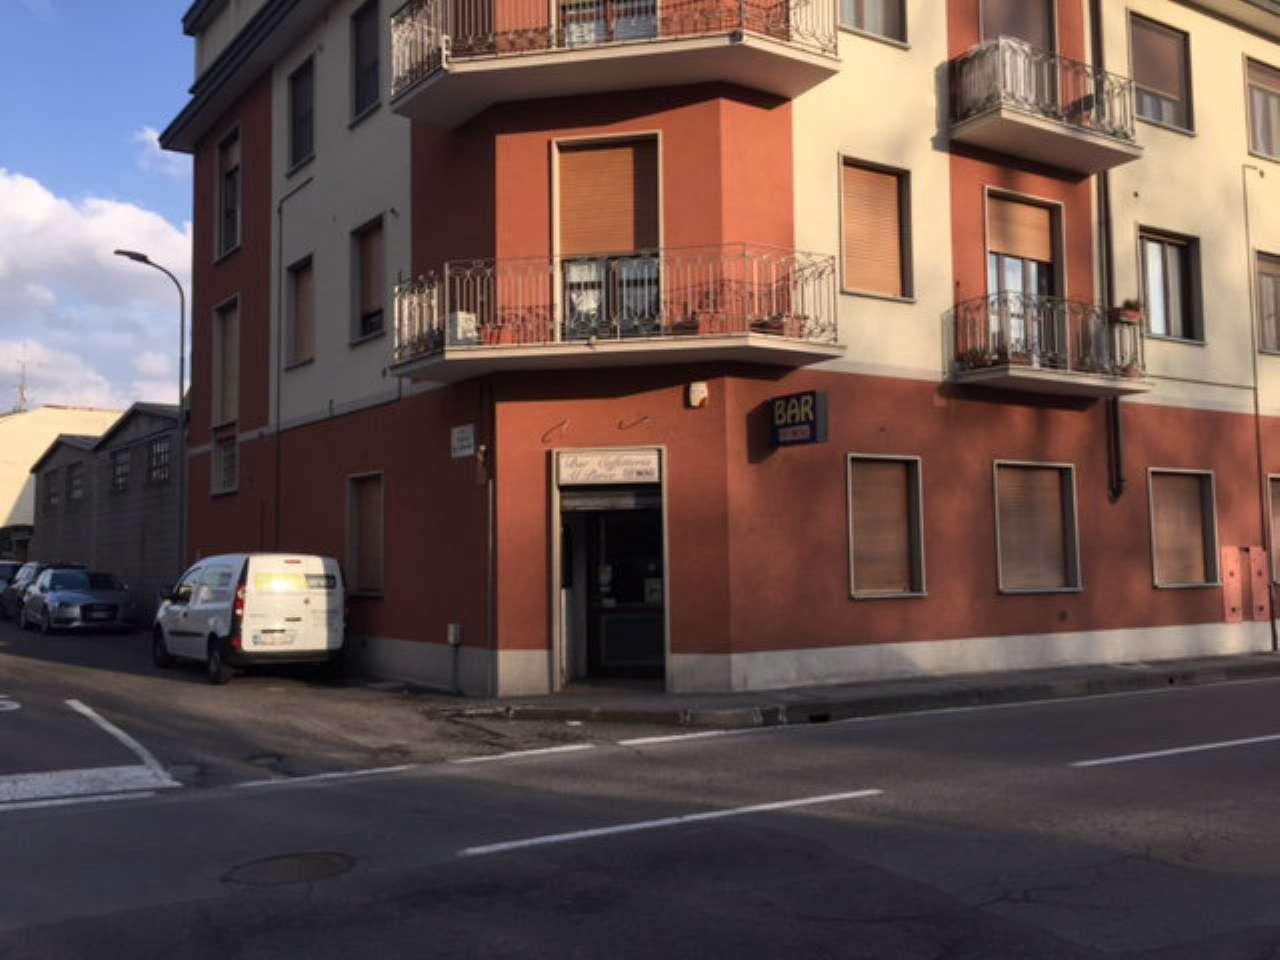 Negozio / Locale in vendita a Cesano Maderno, 1 locali, prezzo € 140.000 | Cambio Casa.it